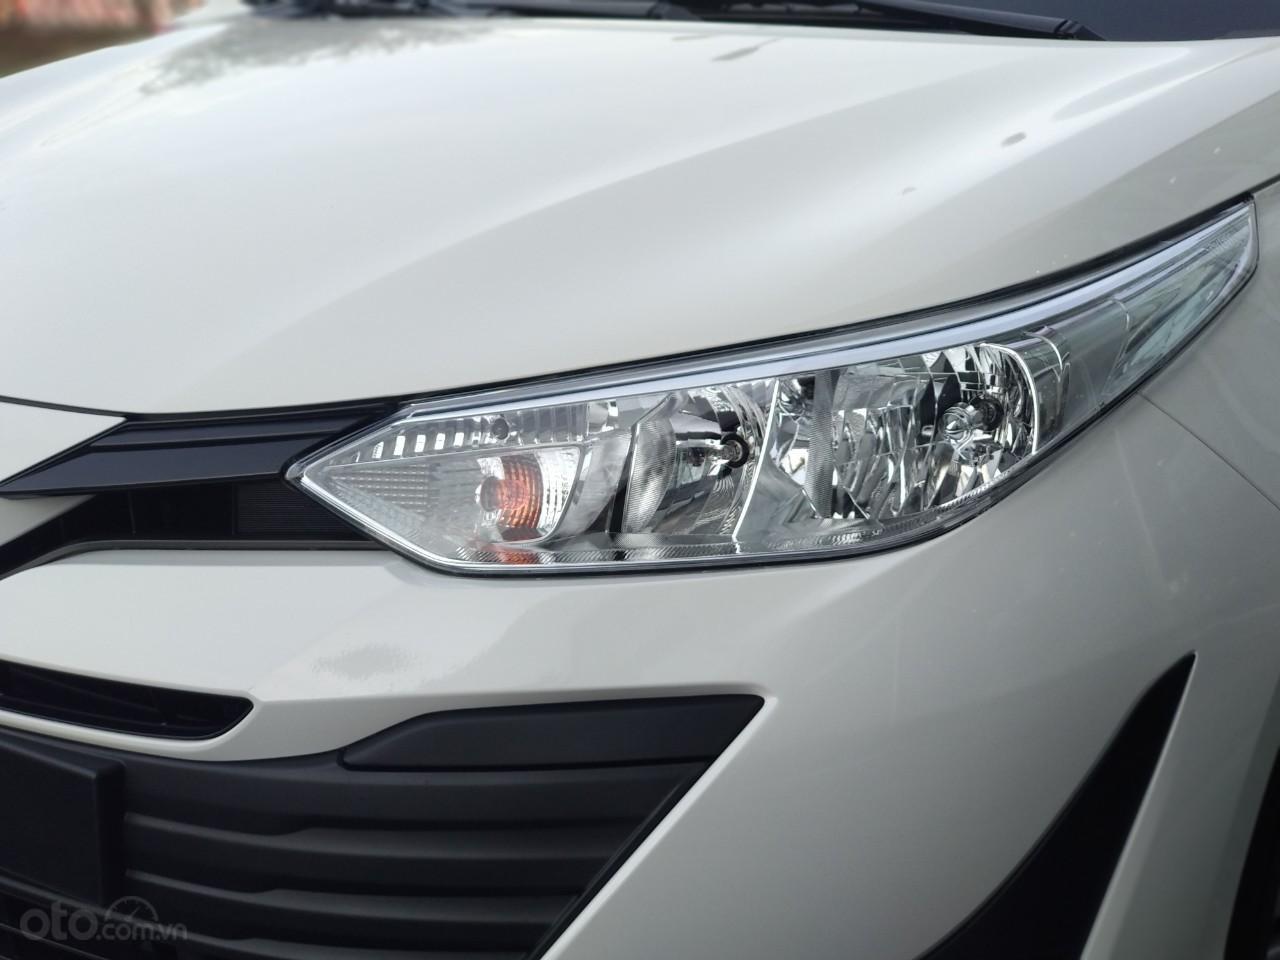 Toyota Vios 1.5E, cam kết giá tốt - cạnh tranh, trả trước 120 triệu - hỗ trợ ngân hàng - lãi suất thấp (3)